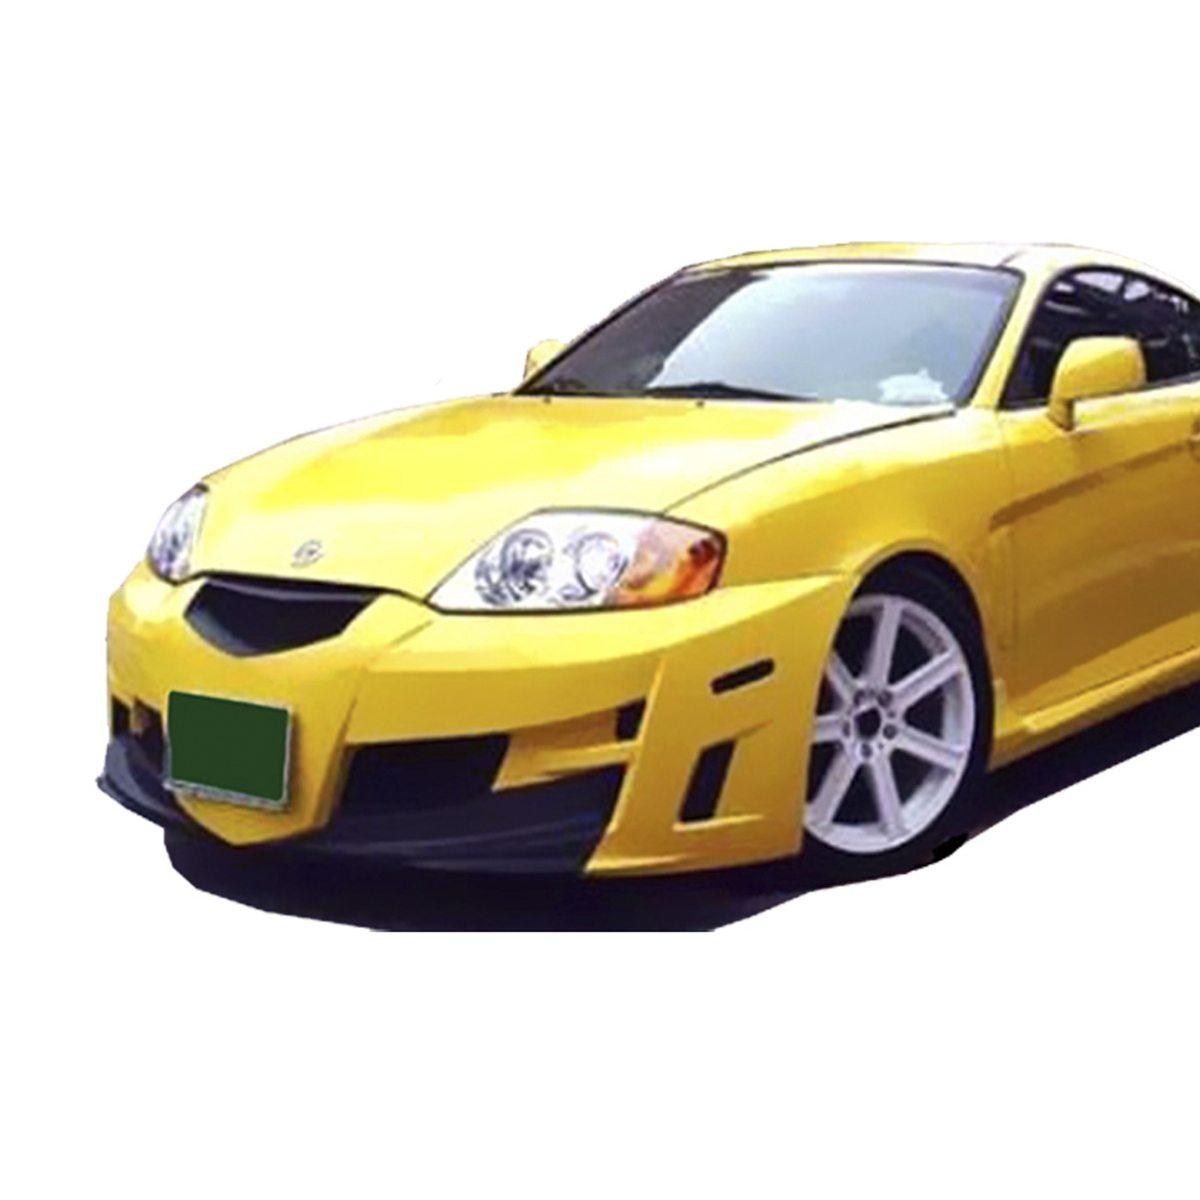 Hyundai-2002-Wide-frt-PCM016